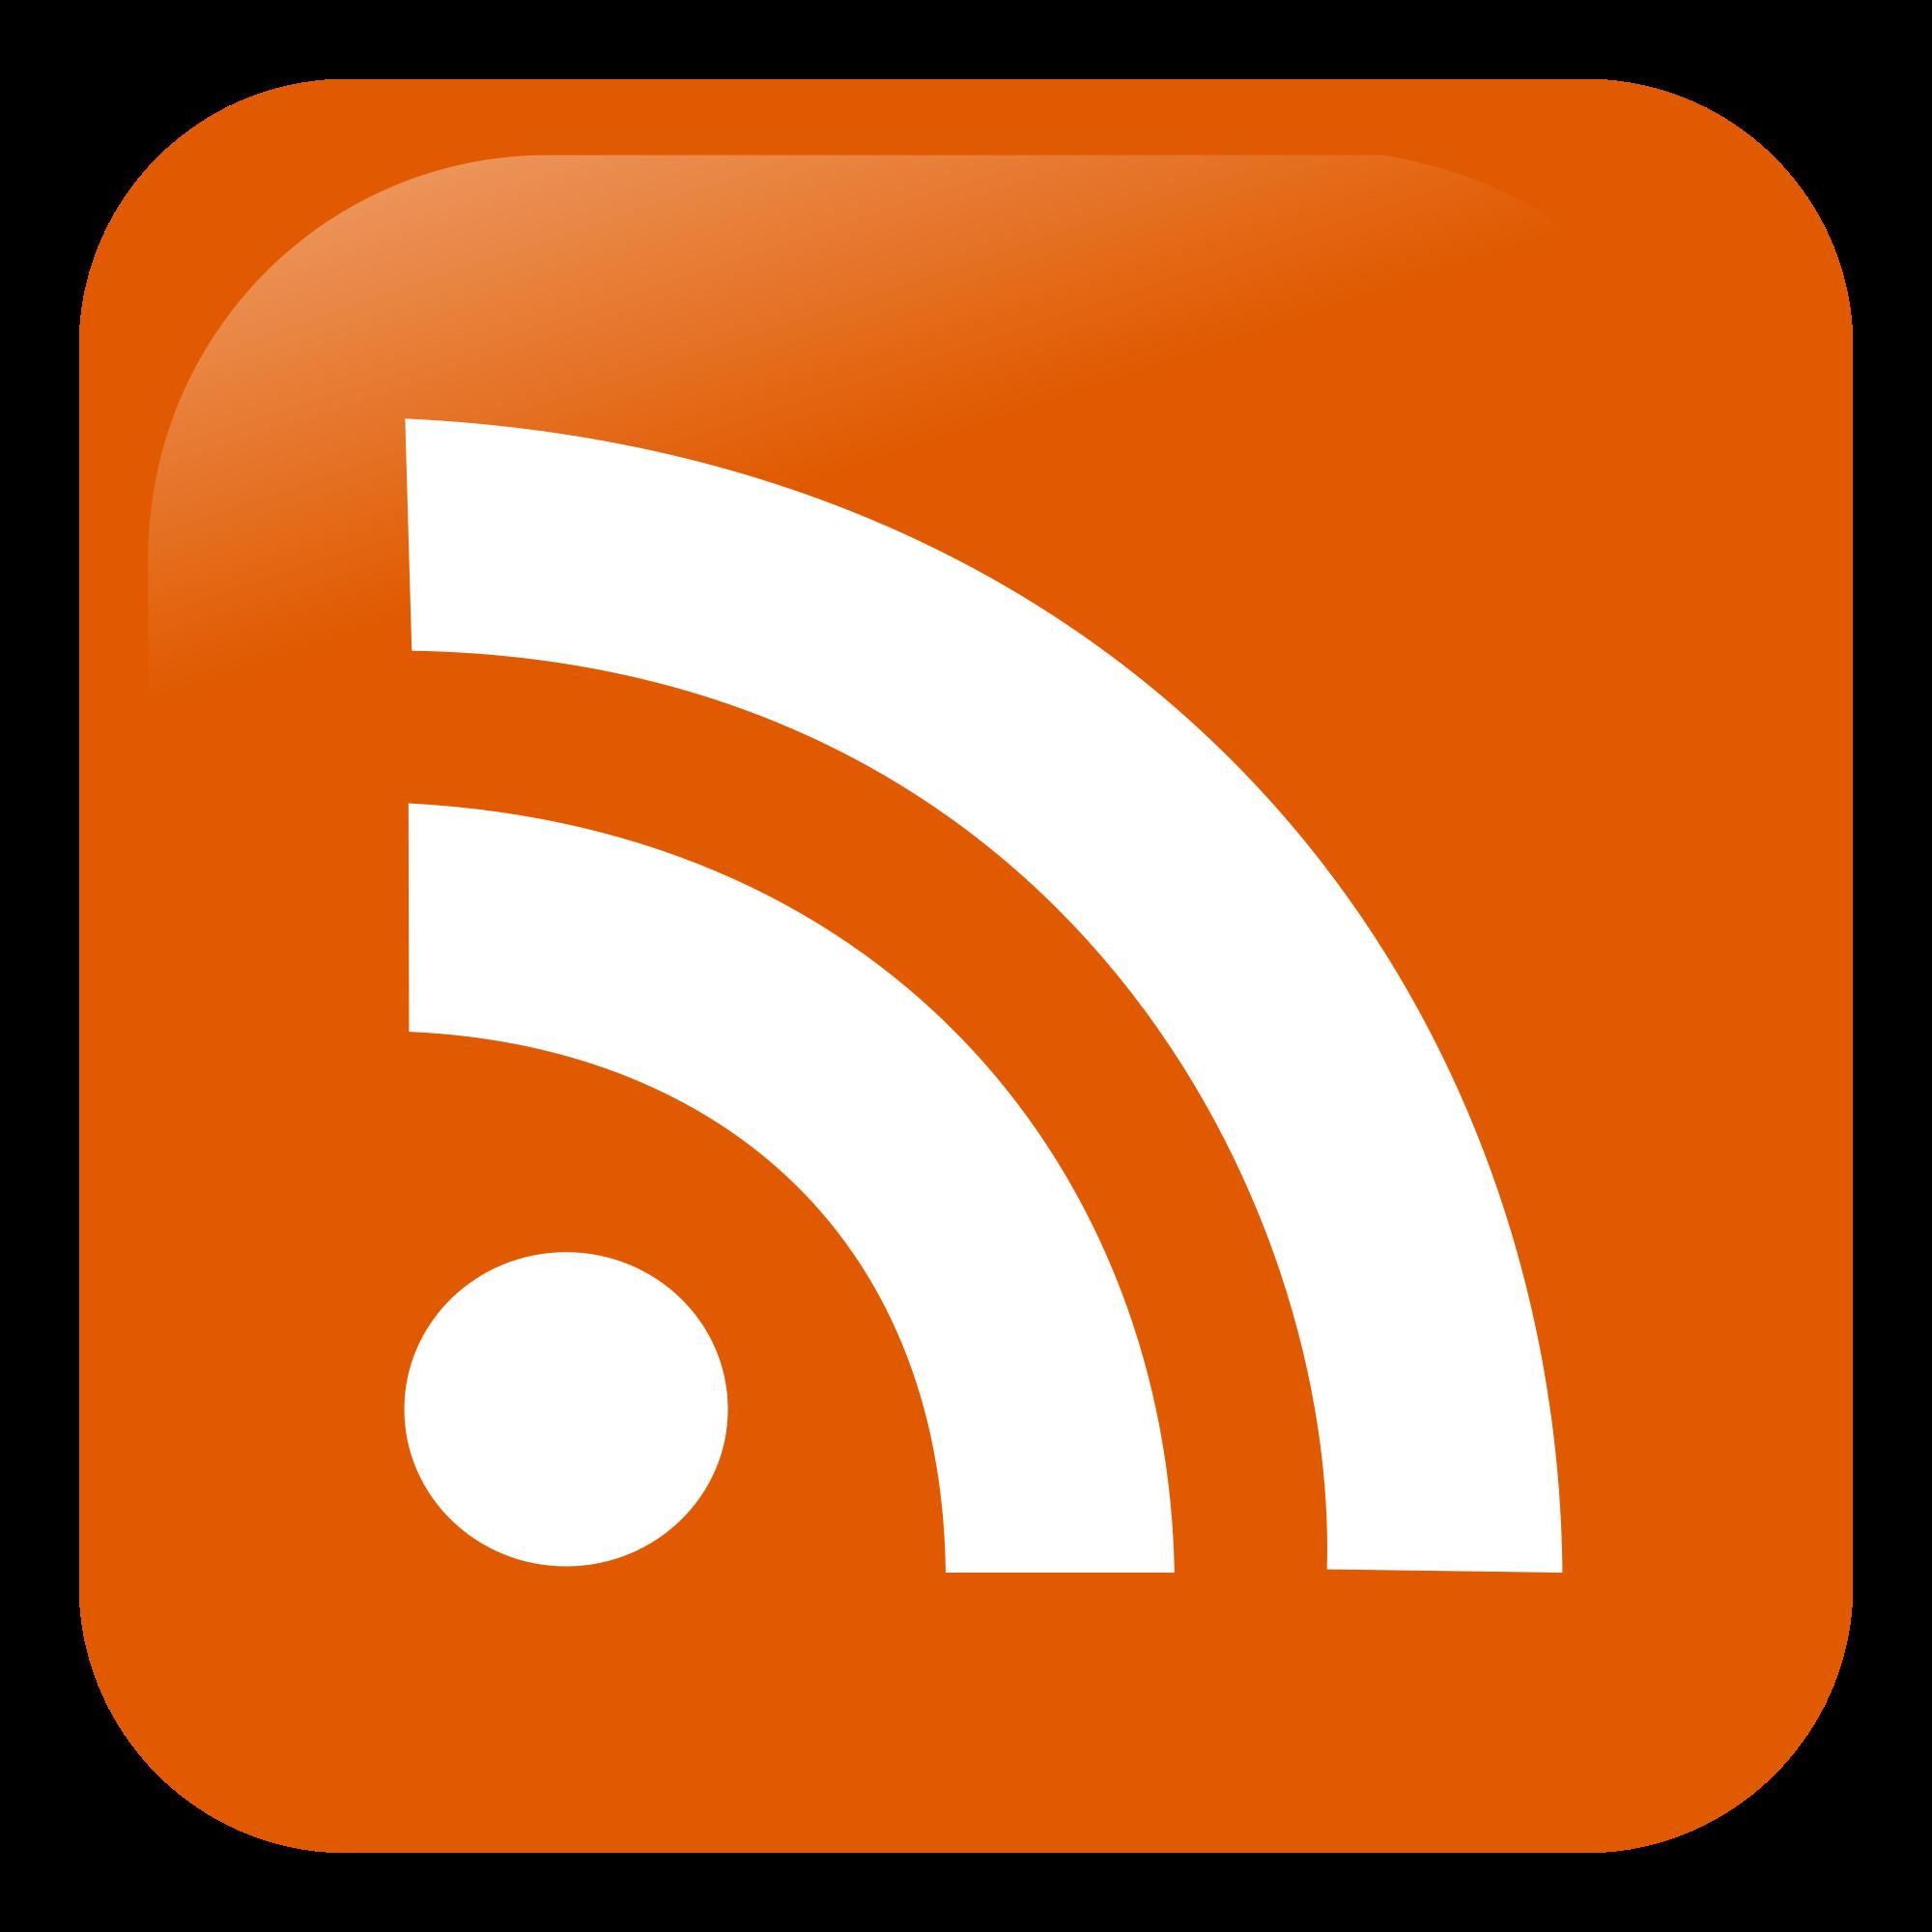 Notre flux RSS